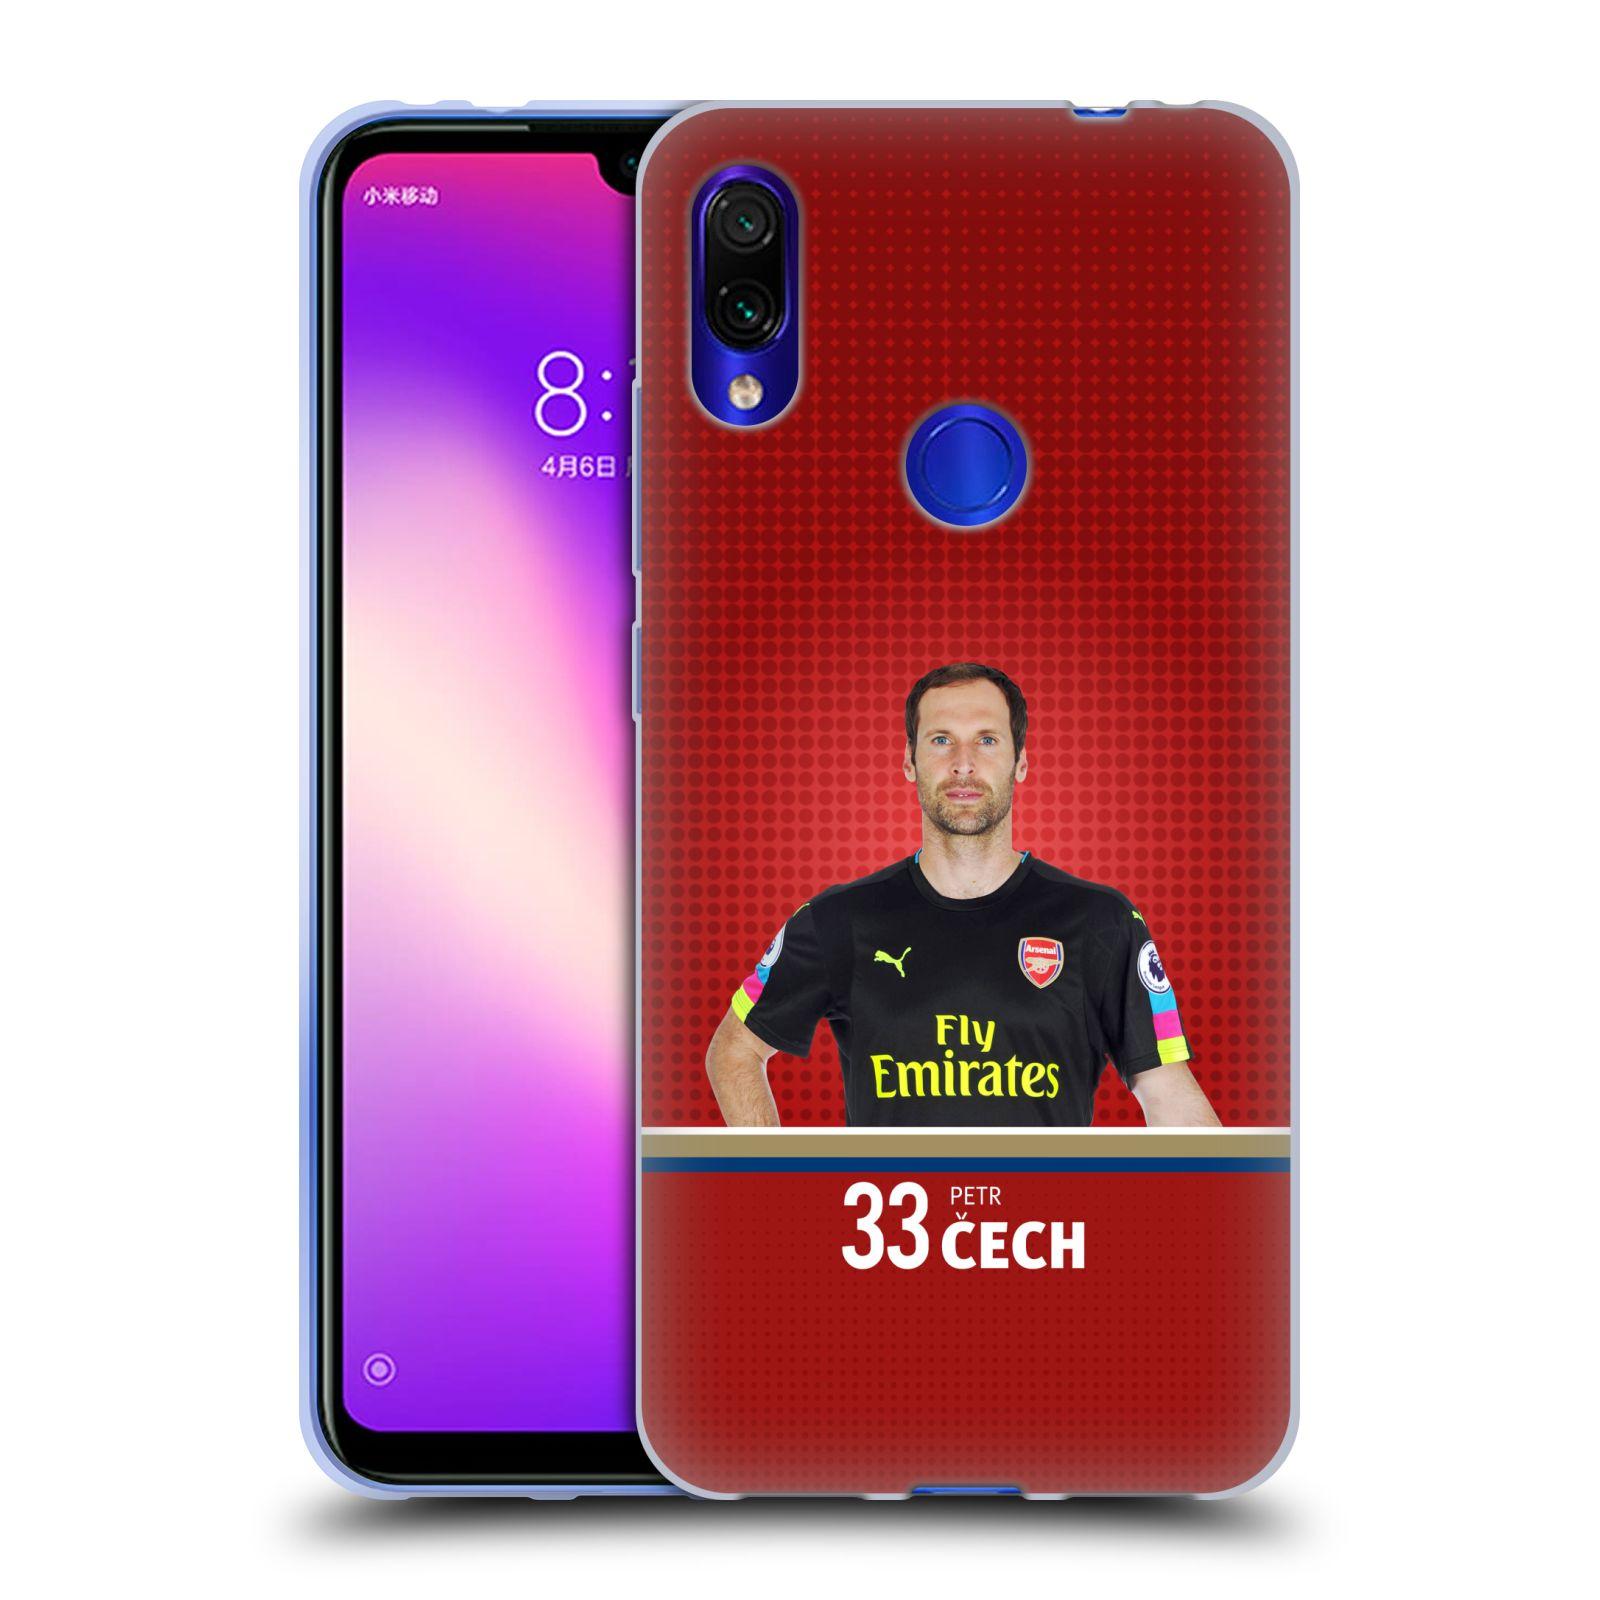 Silikonové pouzdro na mobil Xiaomi Redmi Note 7 - Head Case - Arsenal FC - Petr Čech